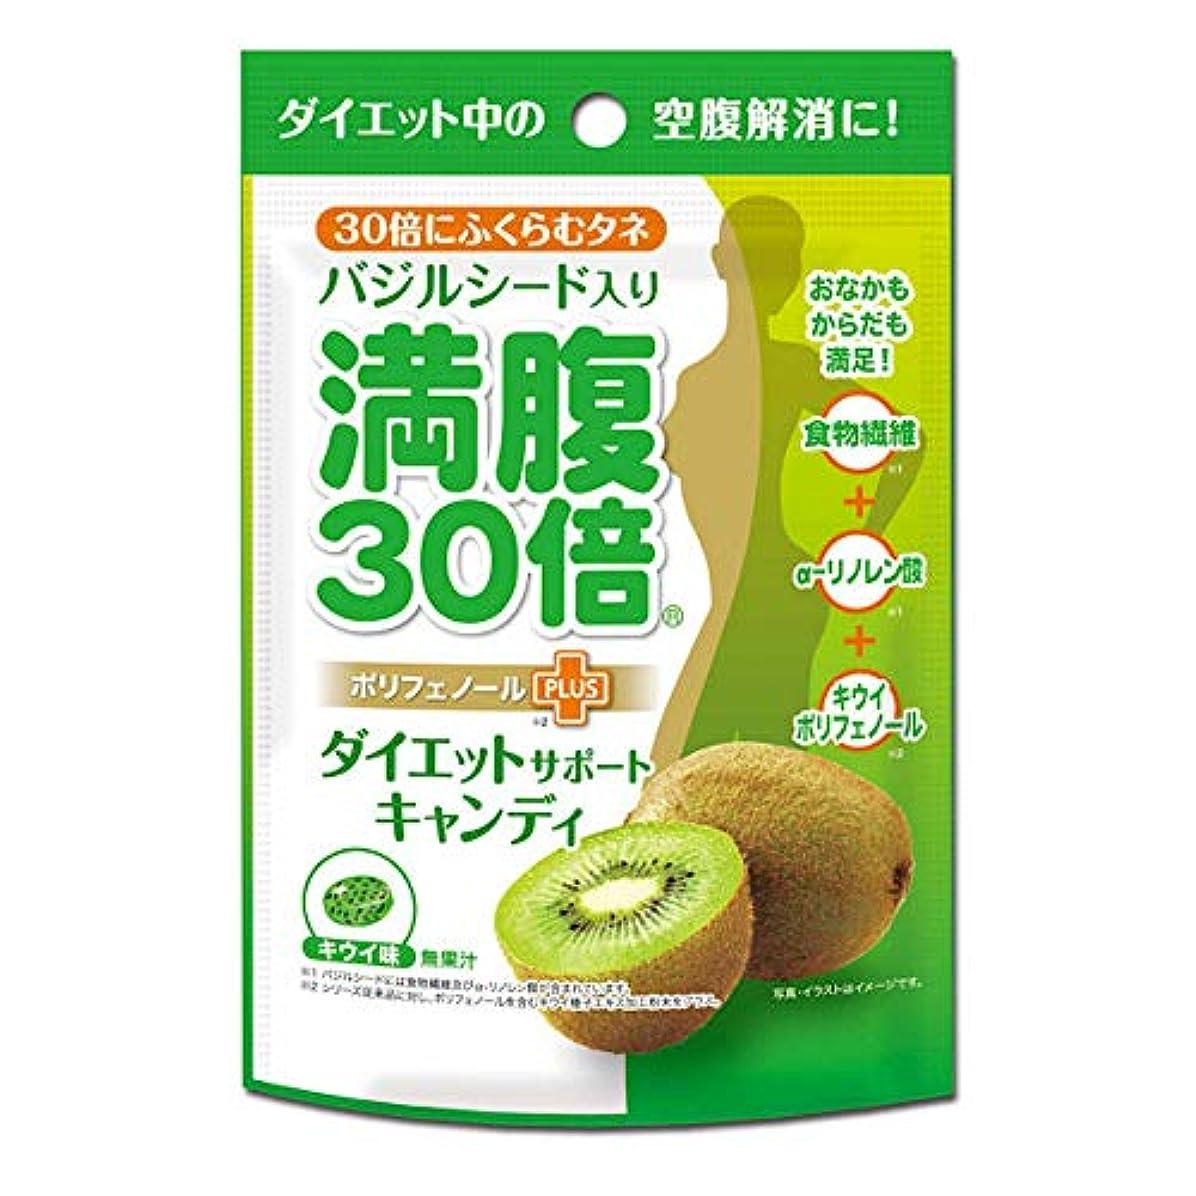 集中吸う法的満腹30倍 ダイエットサポートキャンディ キウイ味 42g 約11粒入